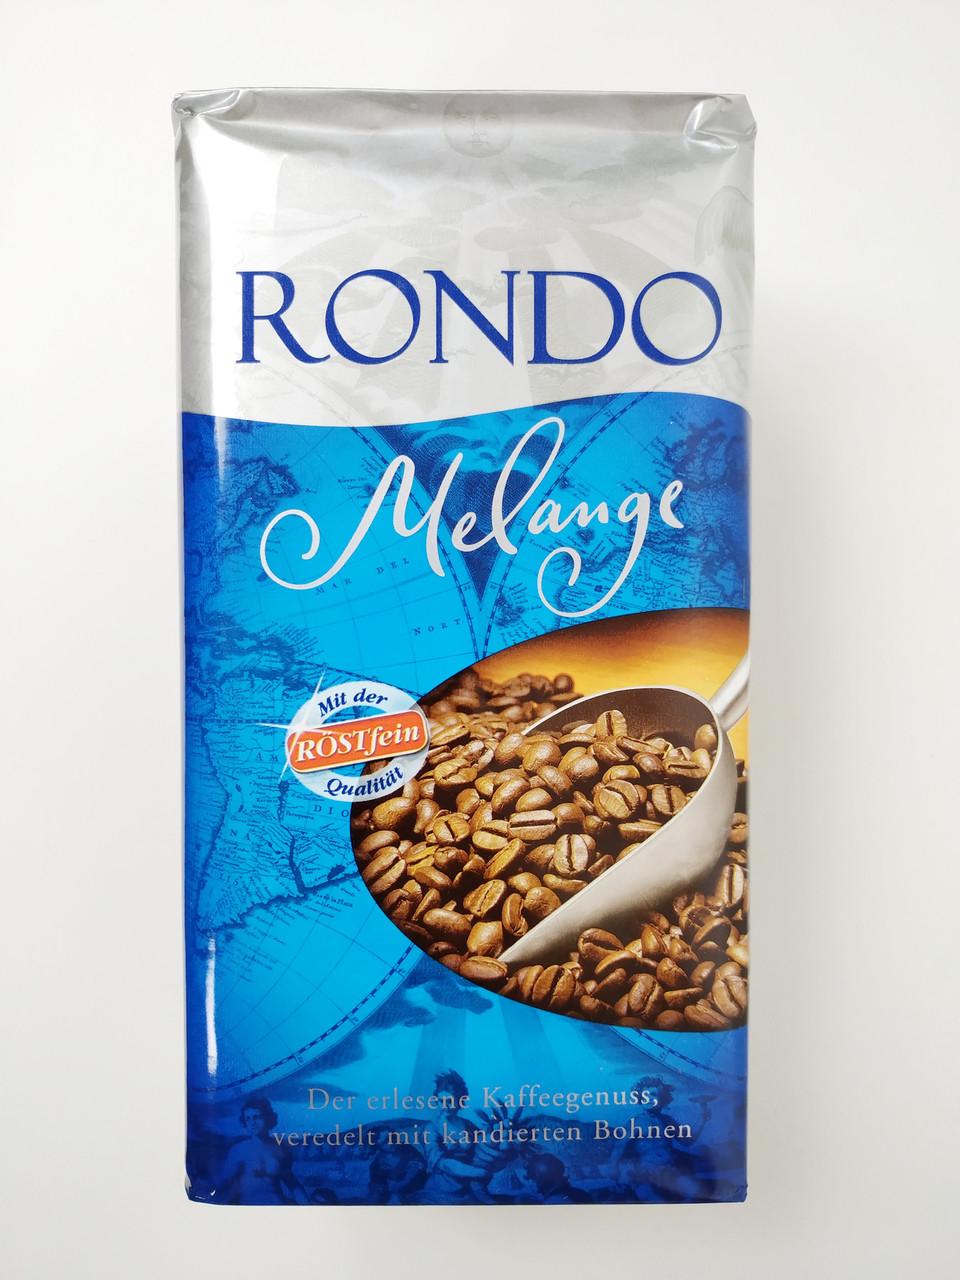 Кофе молотый немецкий Rondo Melange, 500г купаж арабики и робусты с карамельным вкусом